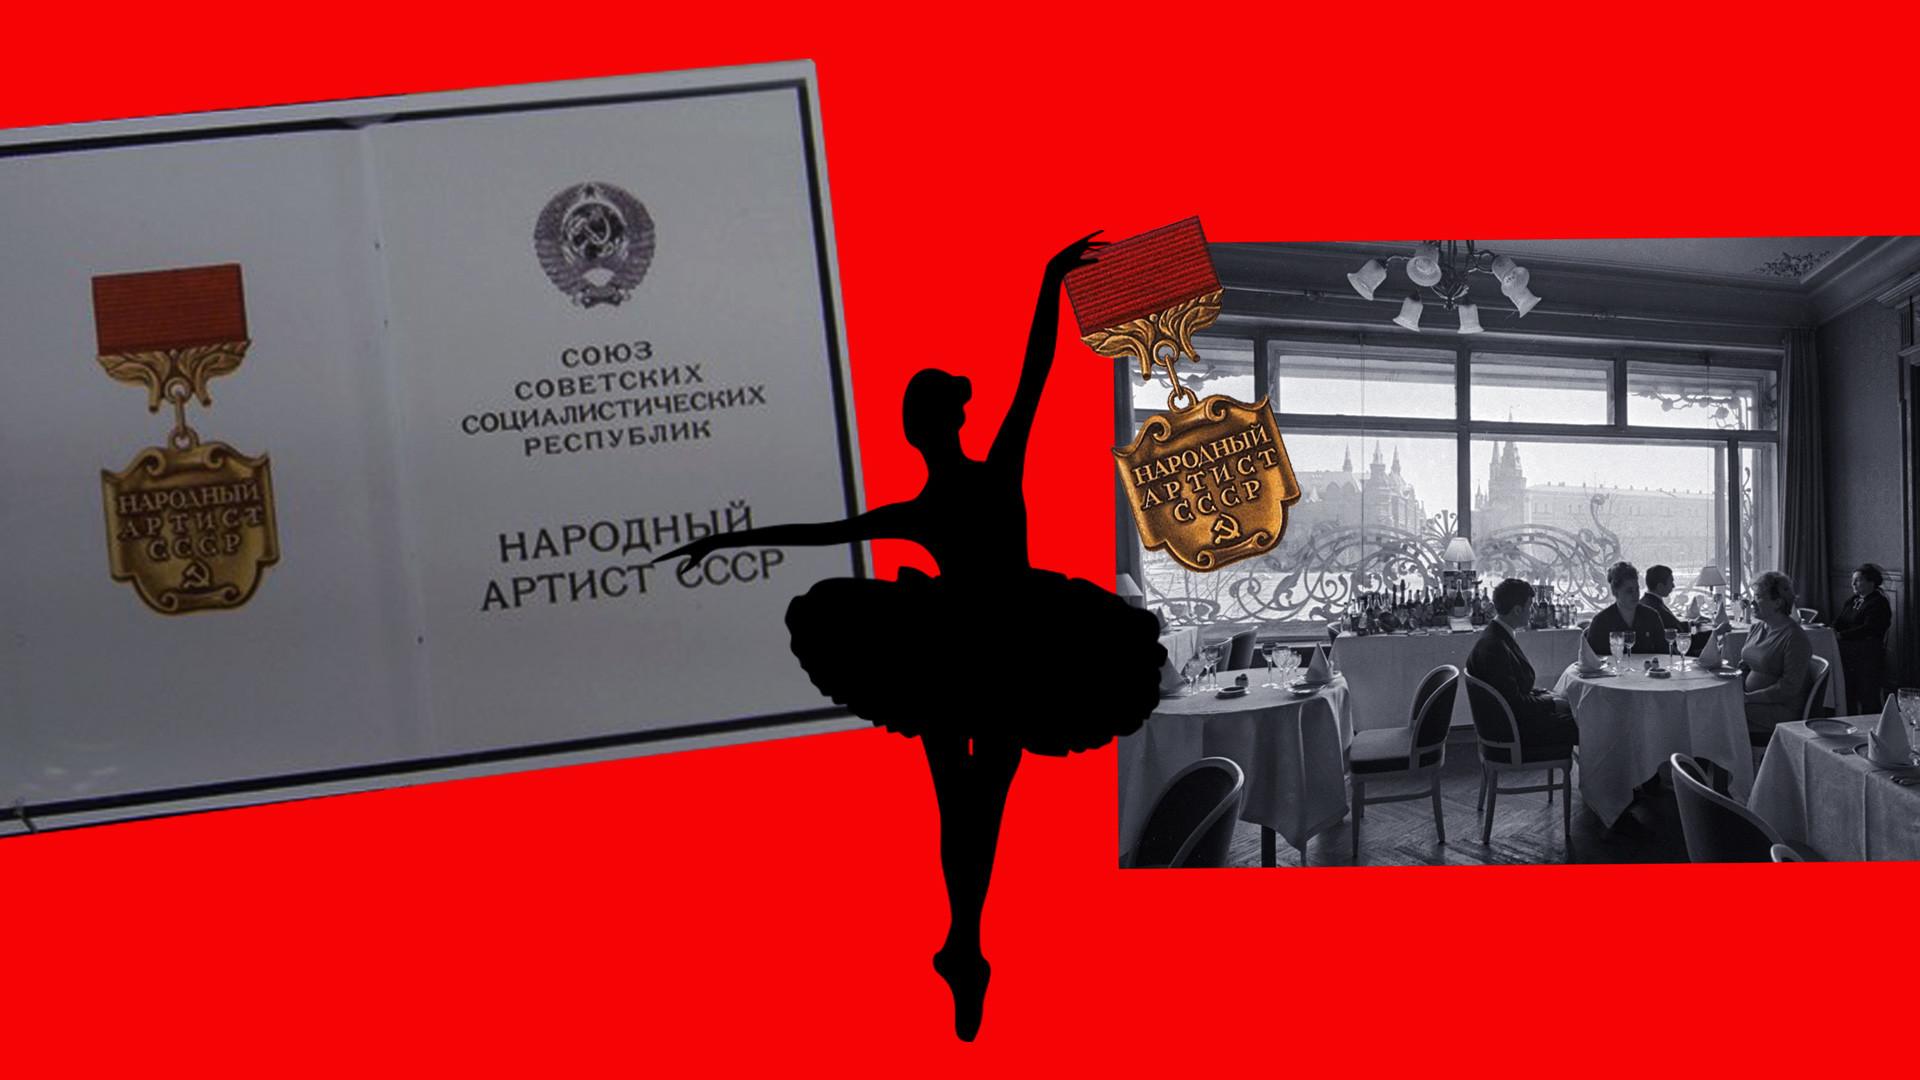 Бонус за славу. Как поощряли народных артистов СССР